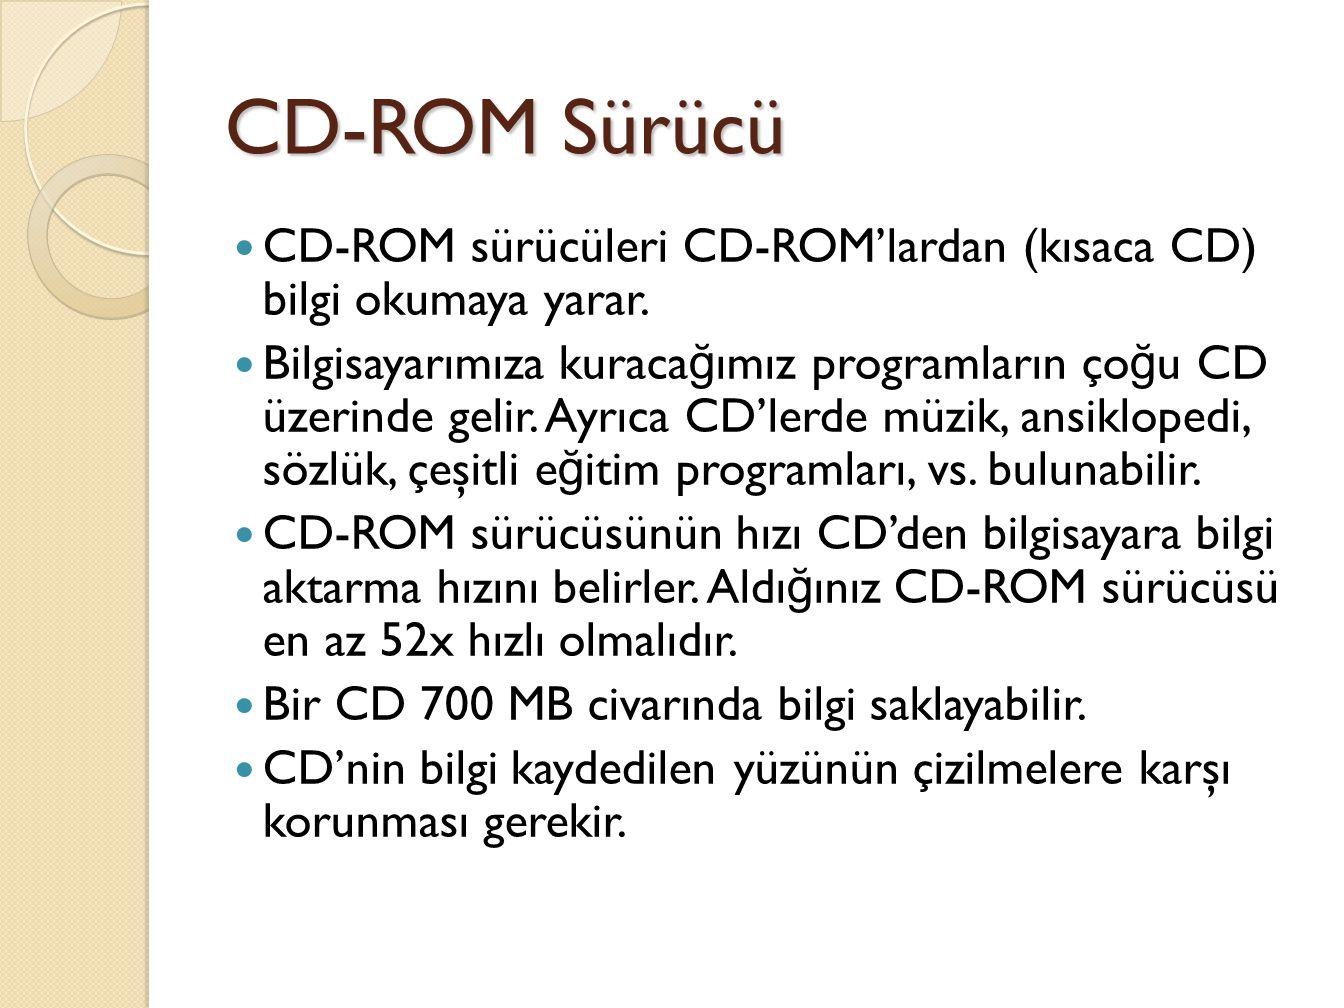 CD-ROM Sürücü CD-ROM sürücüleri CD-ROM'lardan (kısaca CD) bilgi okumaya yarar.